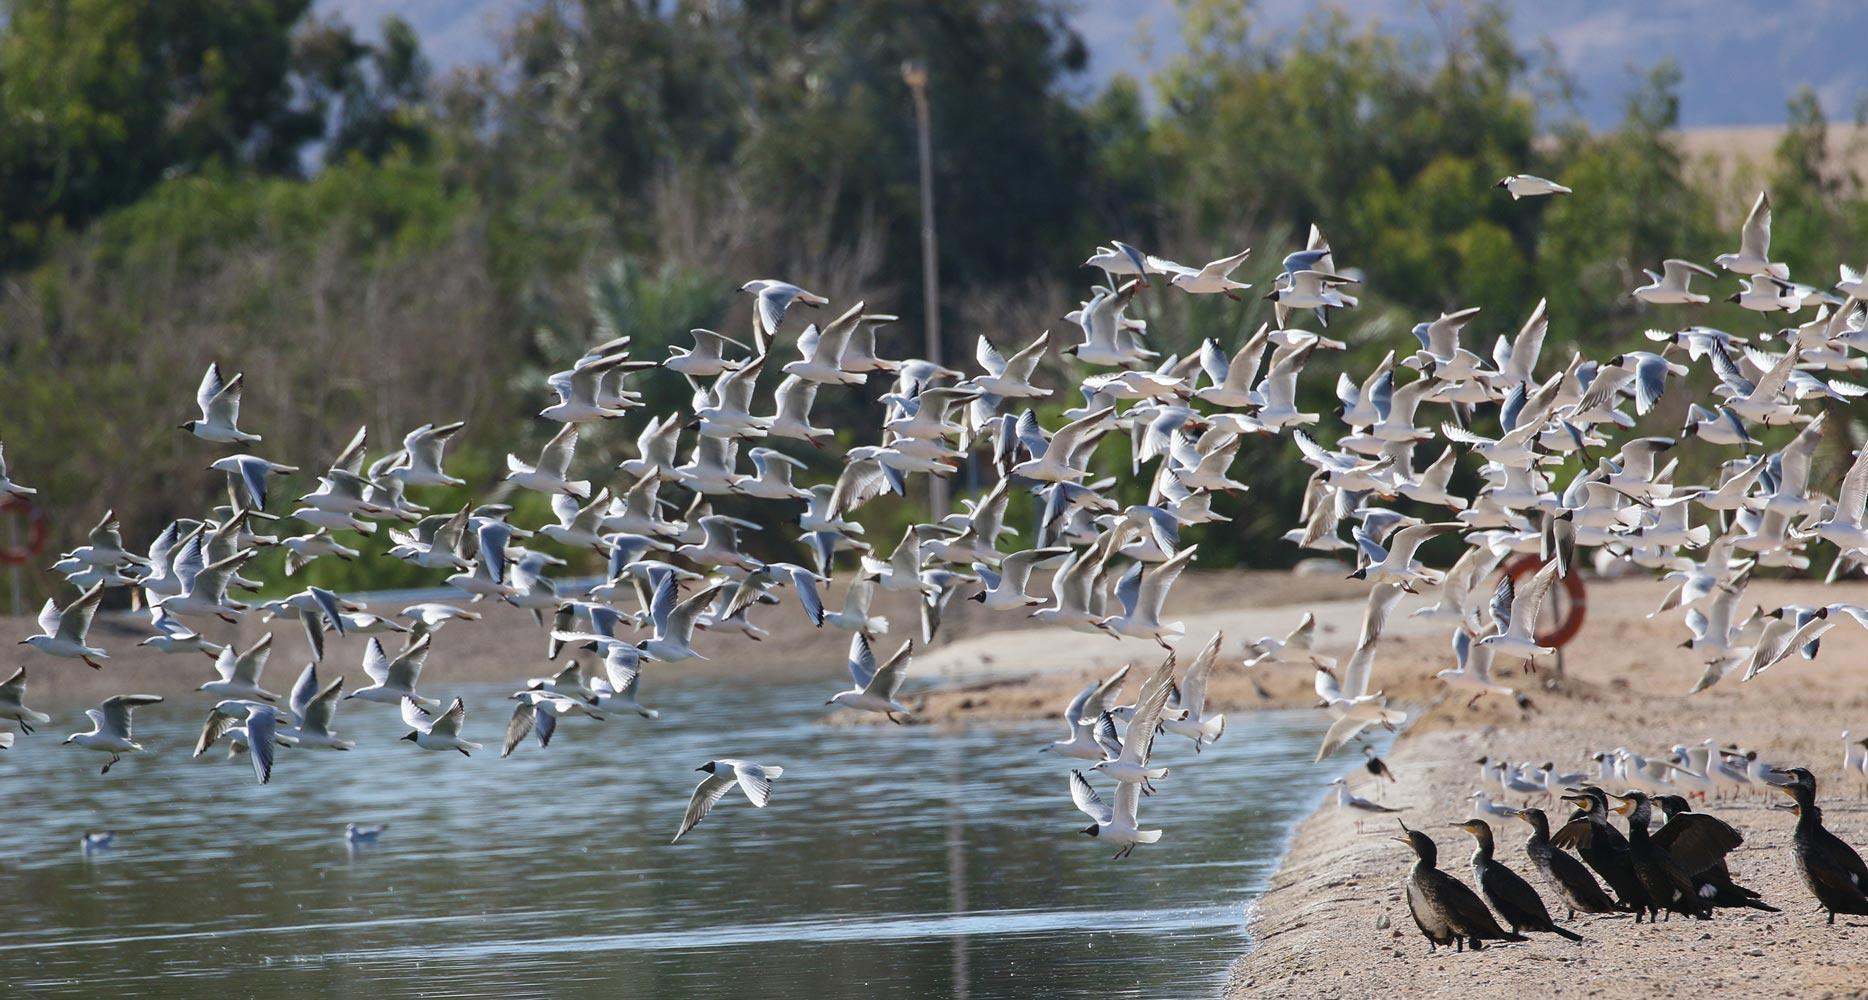 JBW migraiting birds